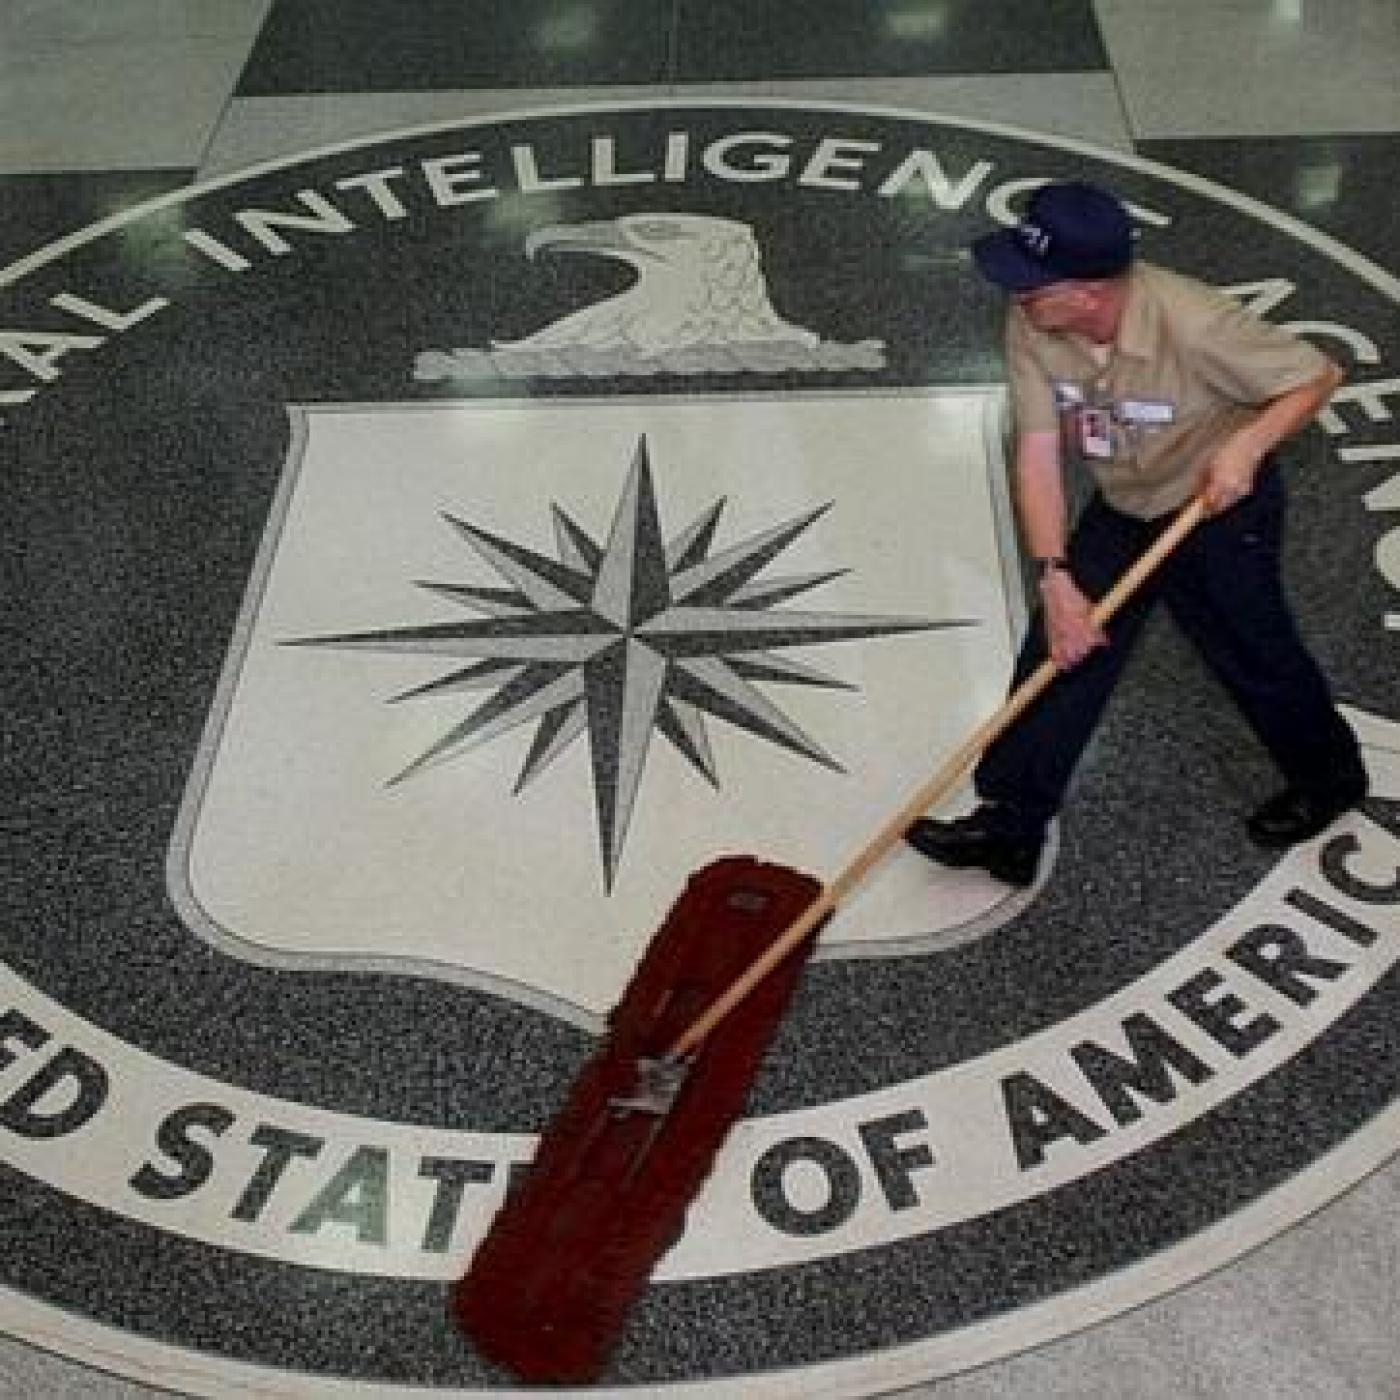 Operaciones clandestinas de la CIA